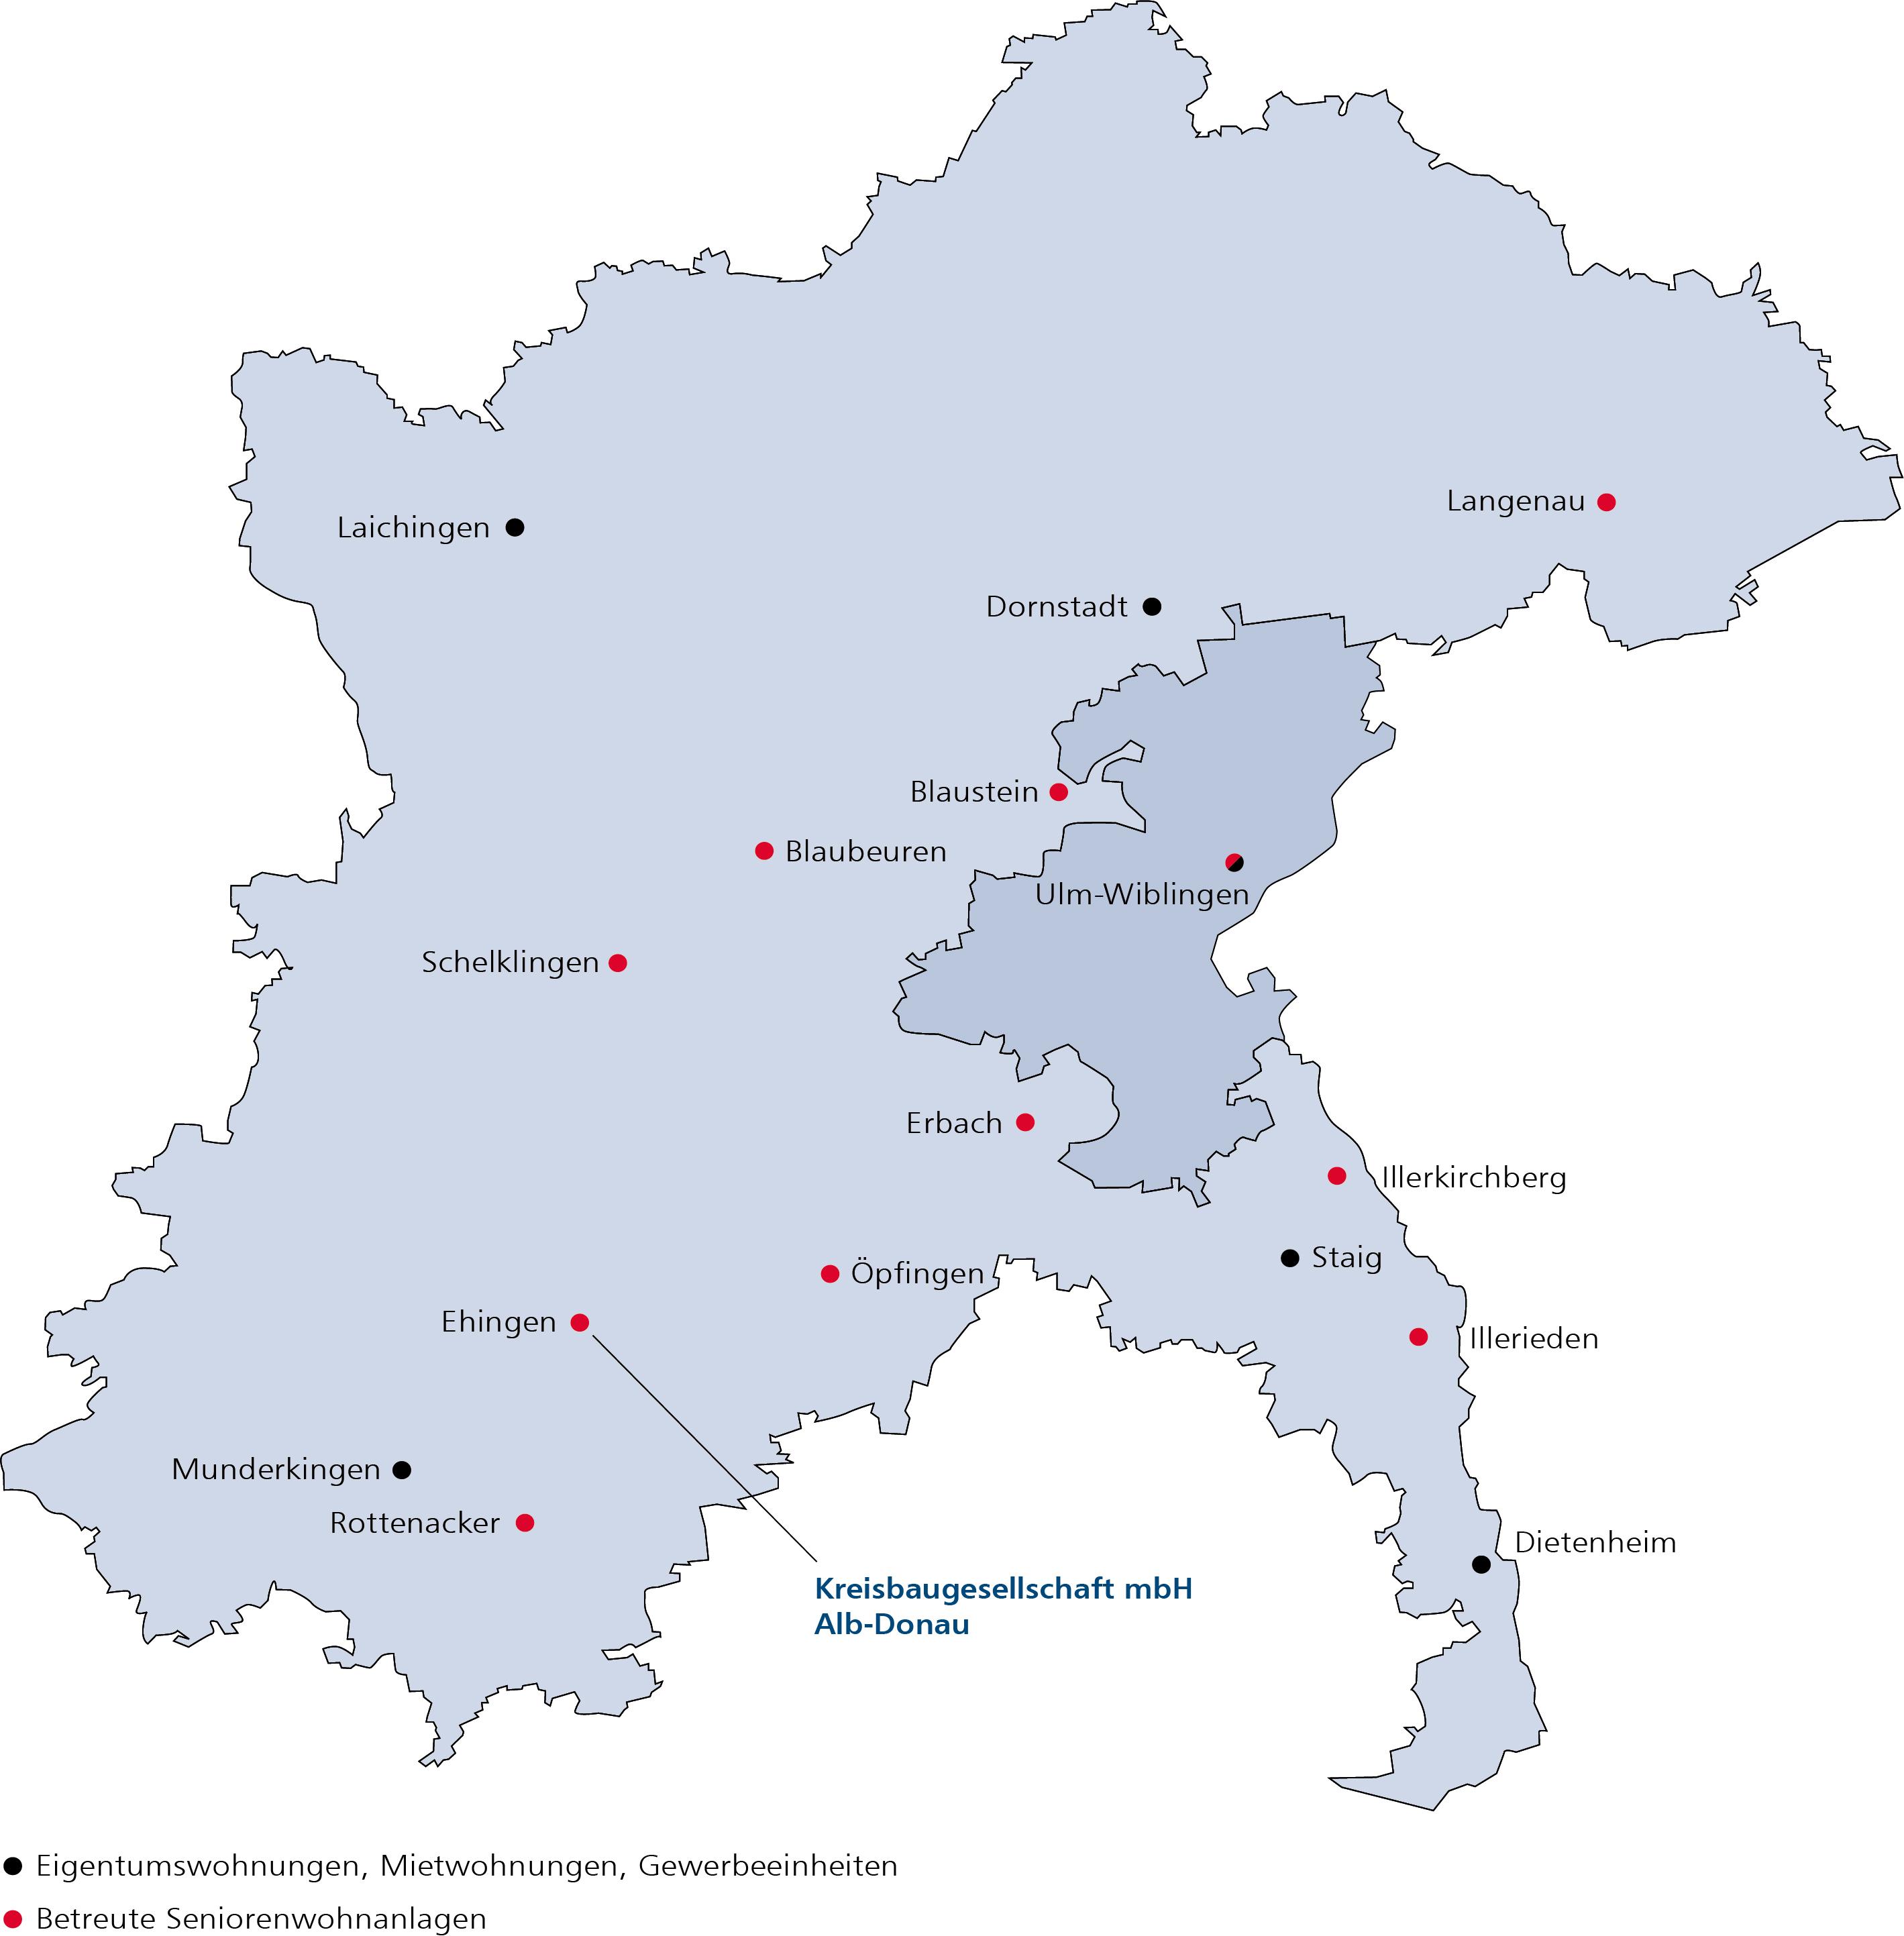 Uebersicht aller Wohnobjekte, Stand 2016, Kreisbaugesellschaft mbH Alb-Donau